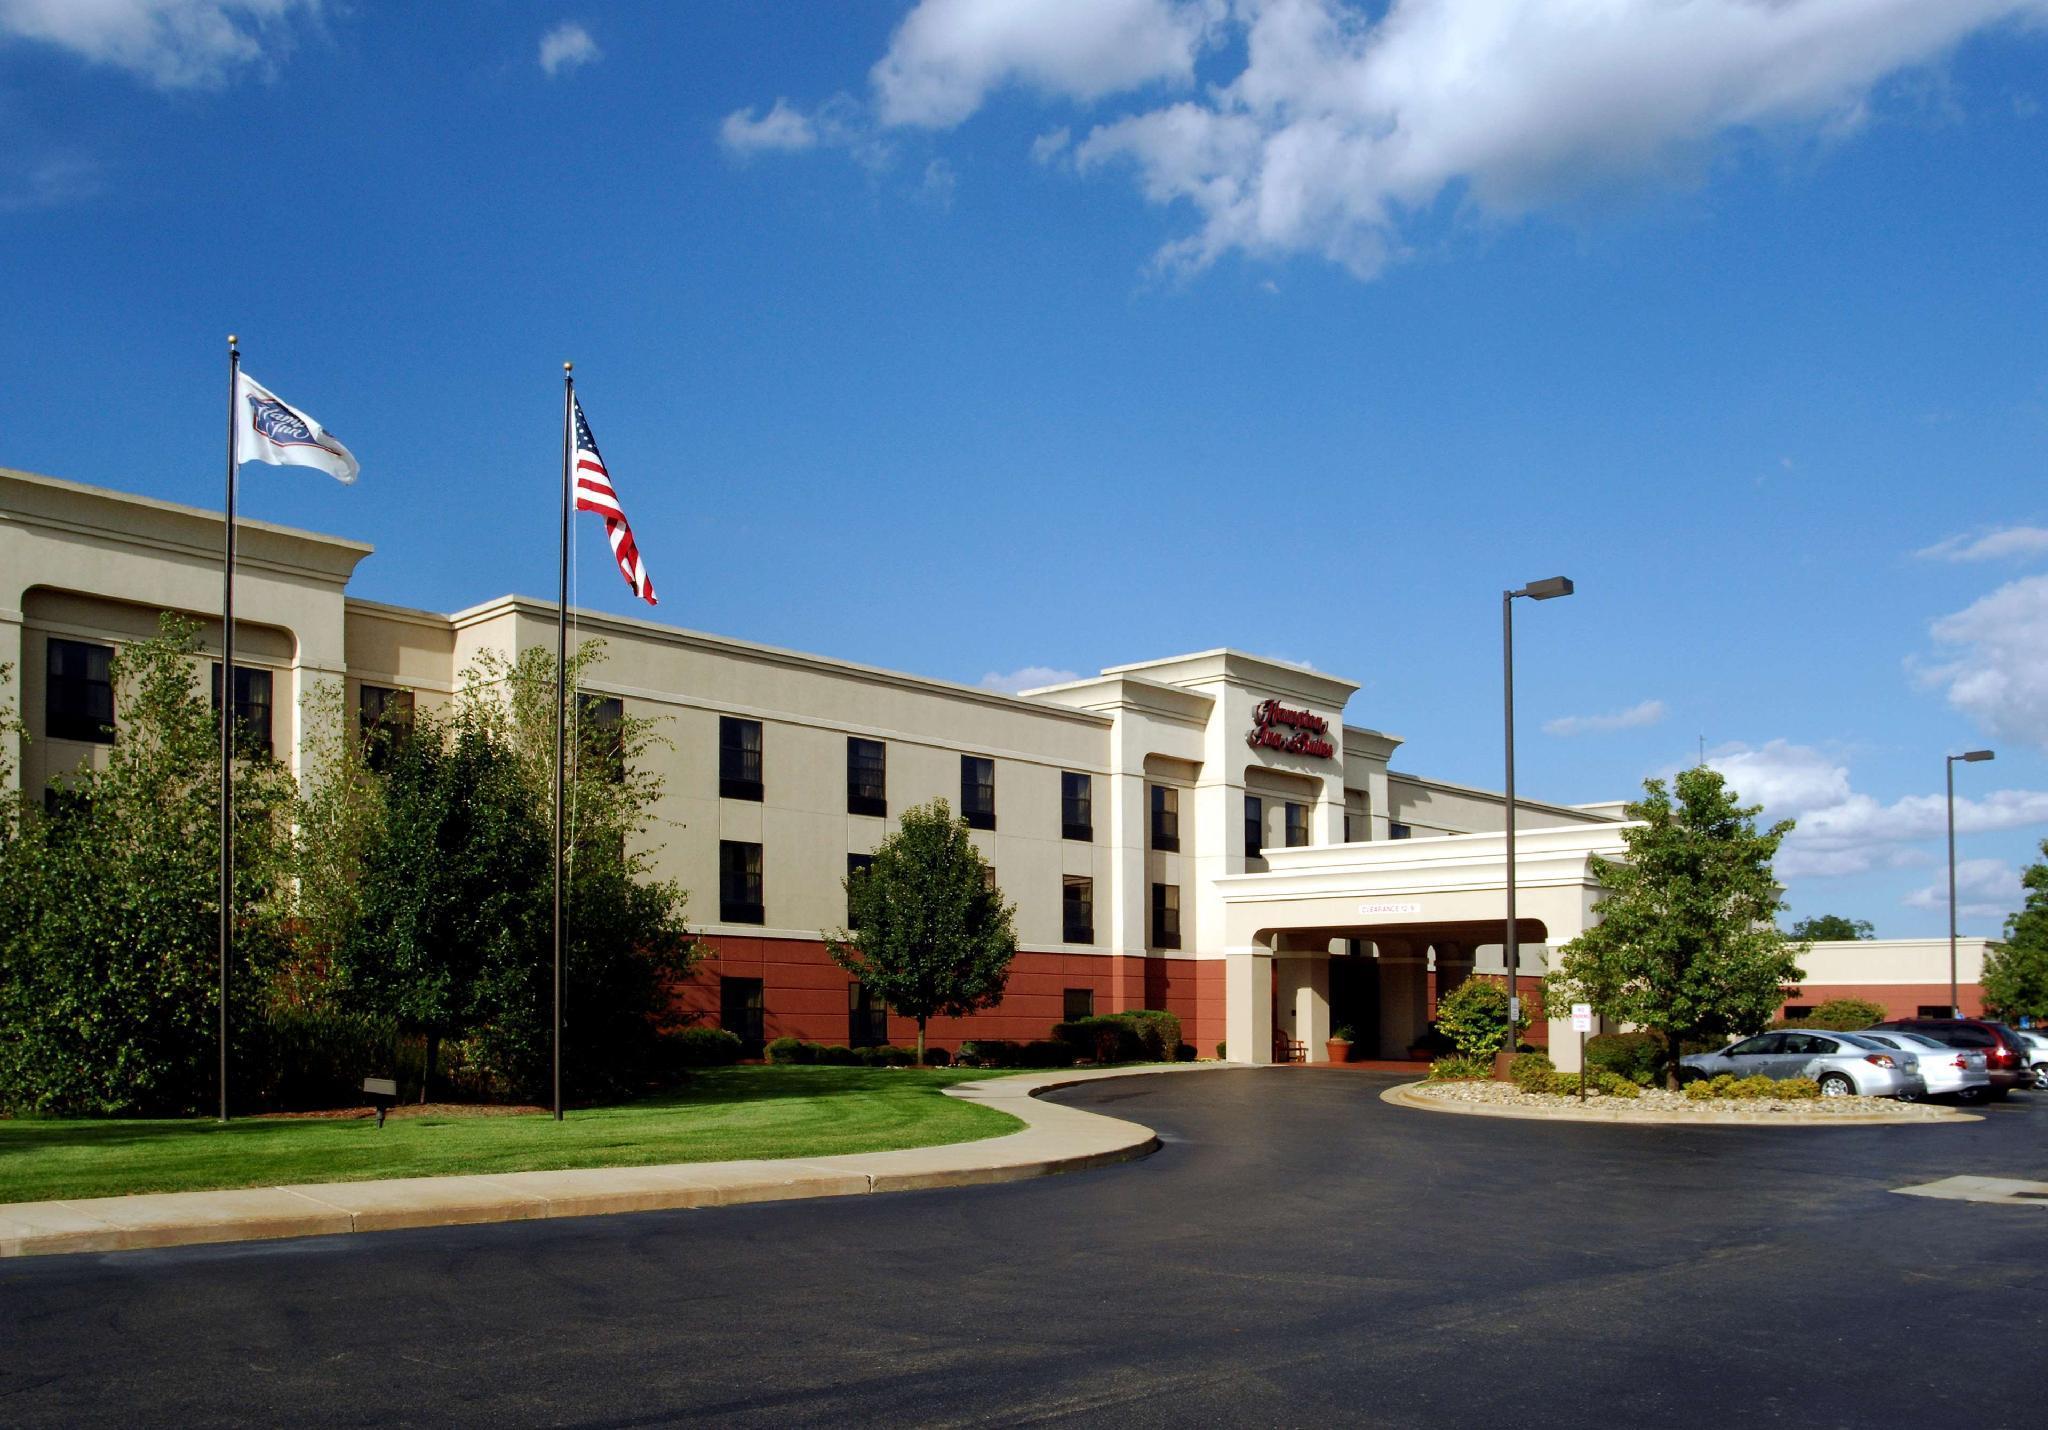 Hampton Inn And Suites Kalamazoo Oshtemo